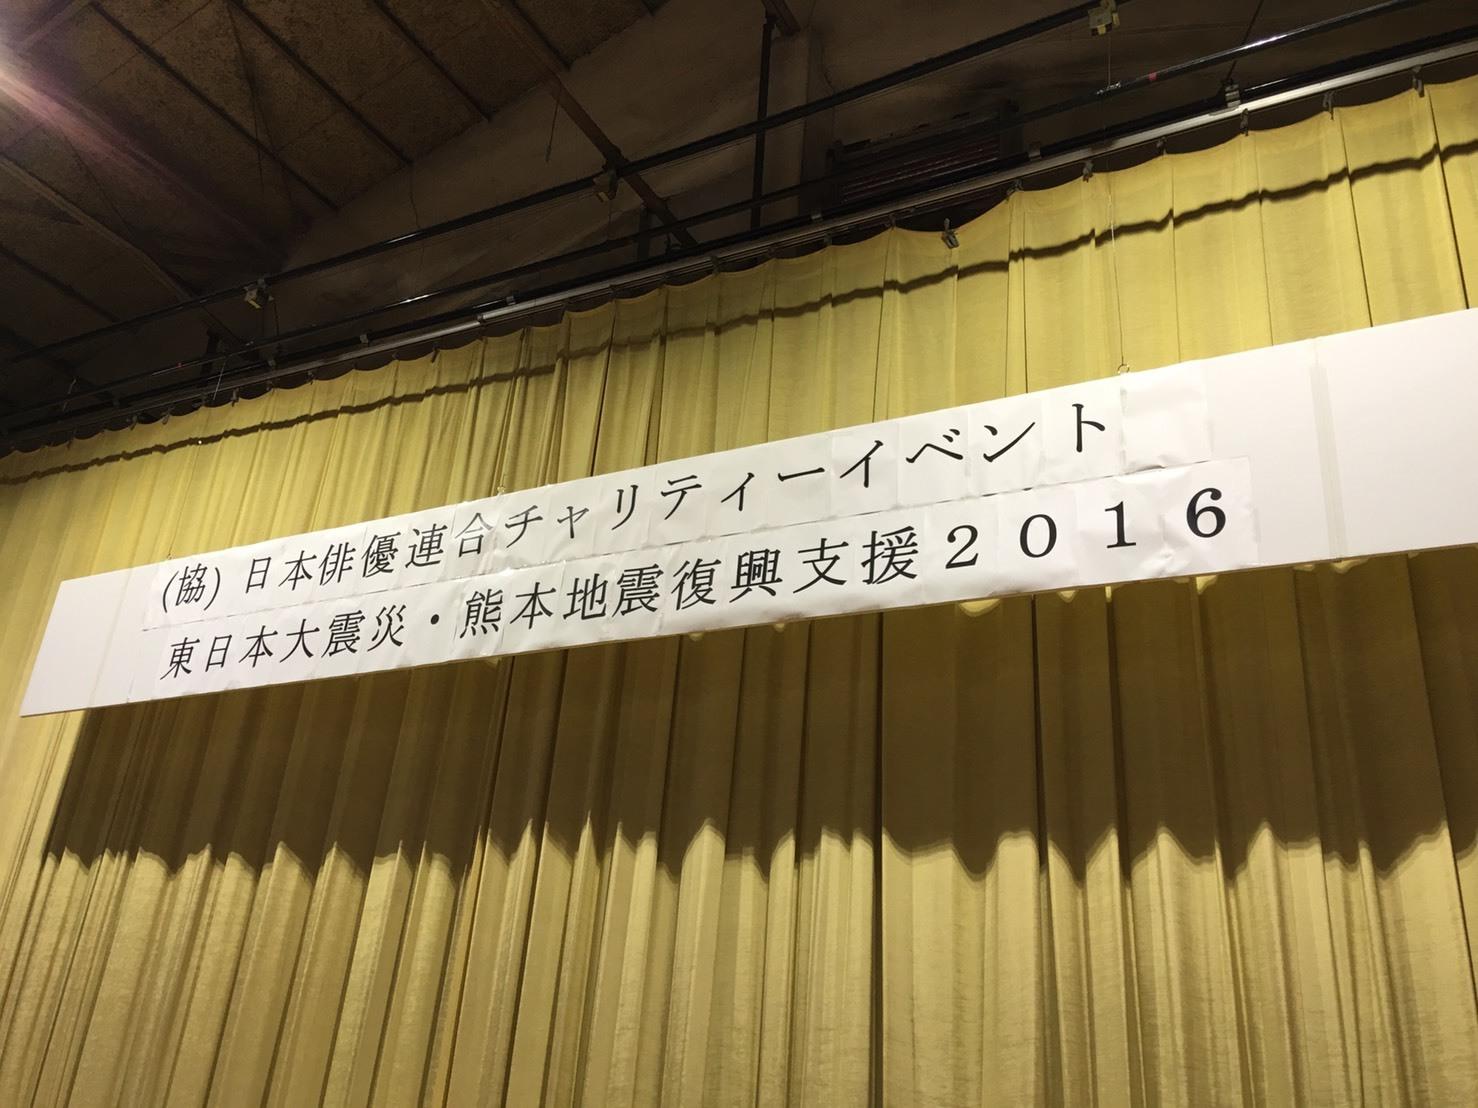 日俳連チャリティーイベント②_a0163623_21251141.jpg